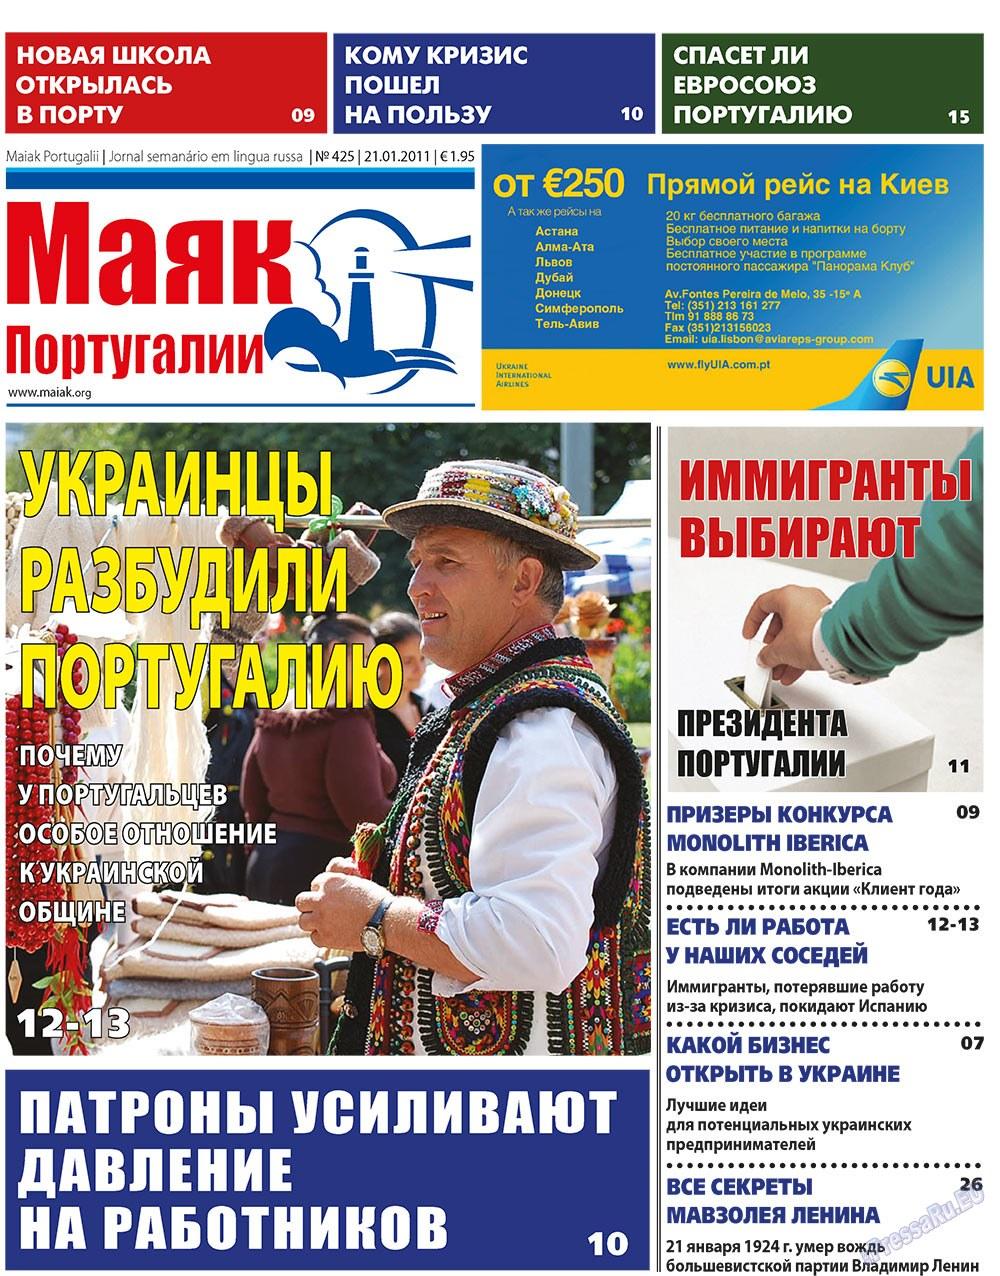 Маяк Португалии (газета). 2011 год, номер 425, стр. 1